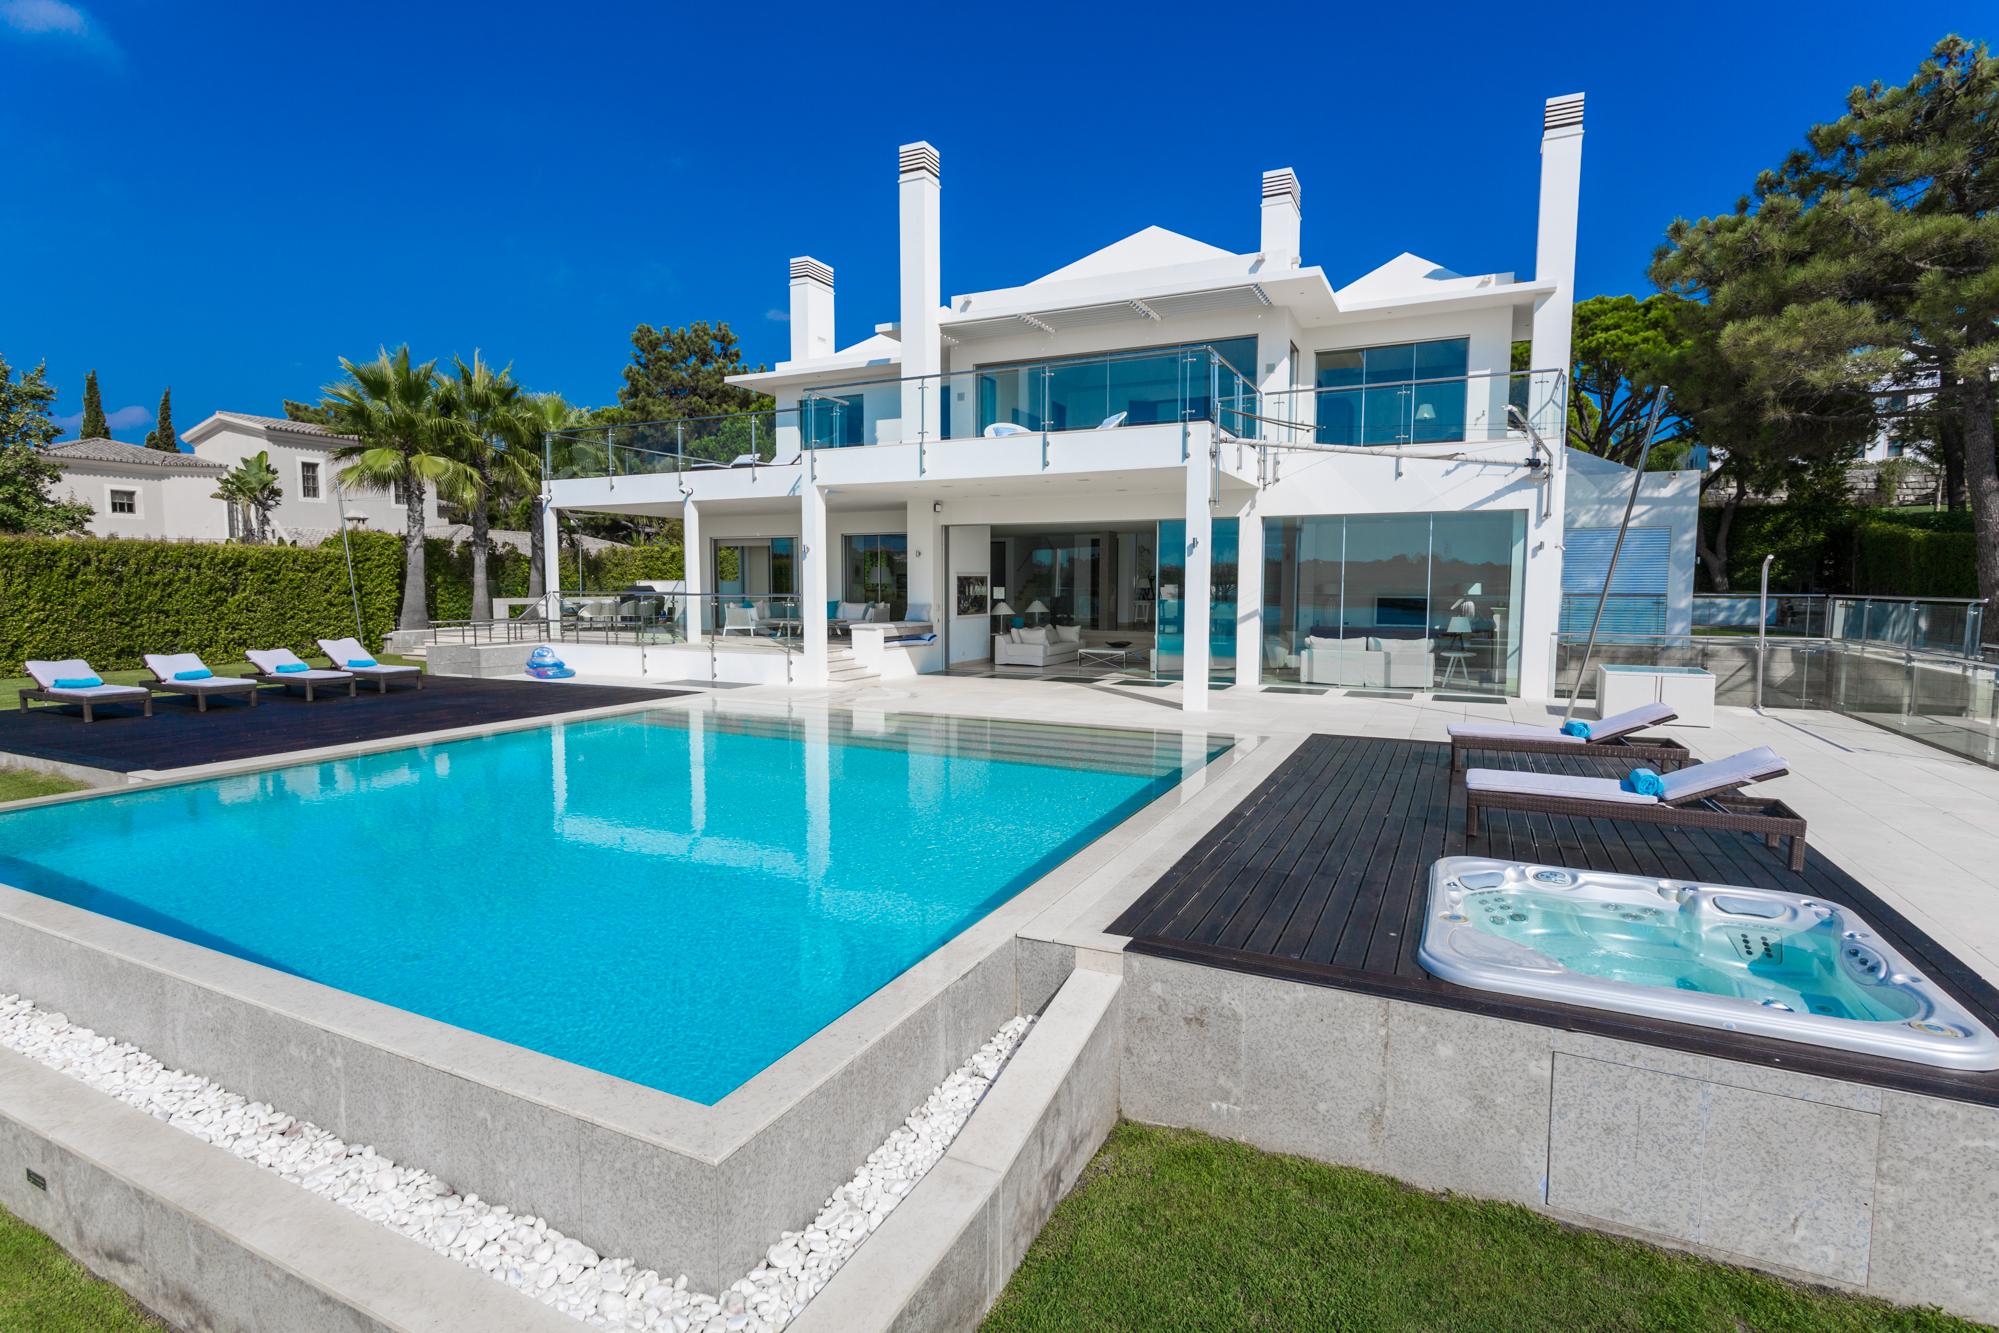 Villa Moon Sone, 5 bedroom prestige villa in Quinta do Lago, Algarve,pool1.jpg